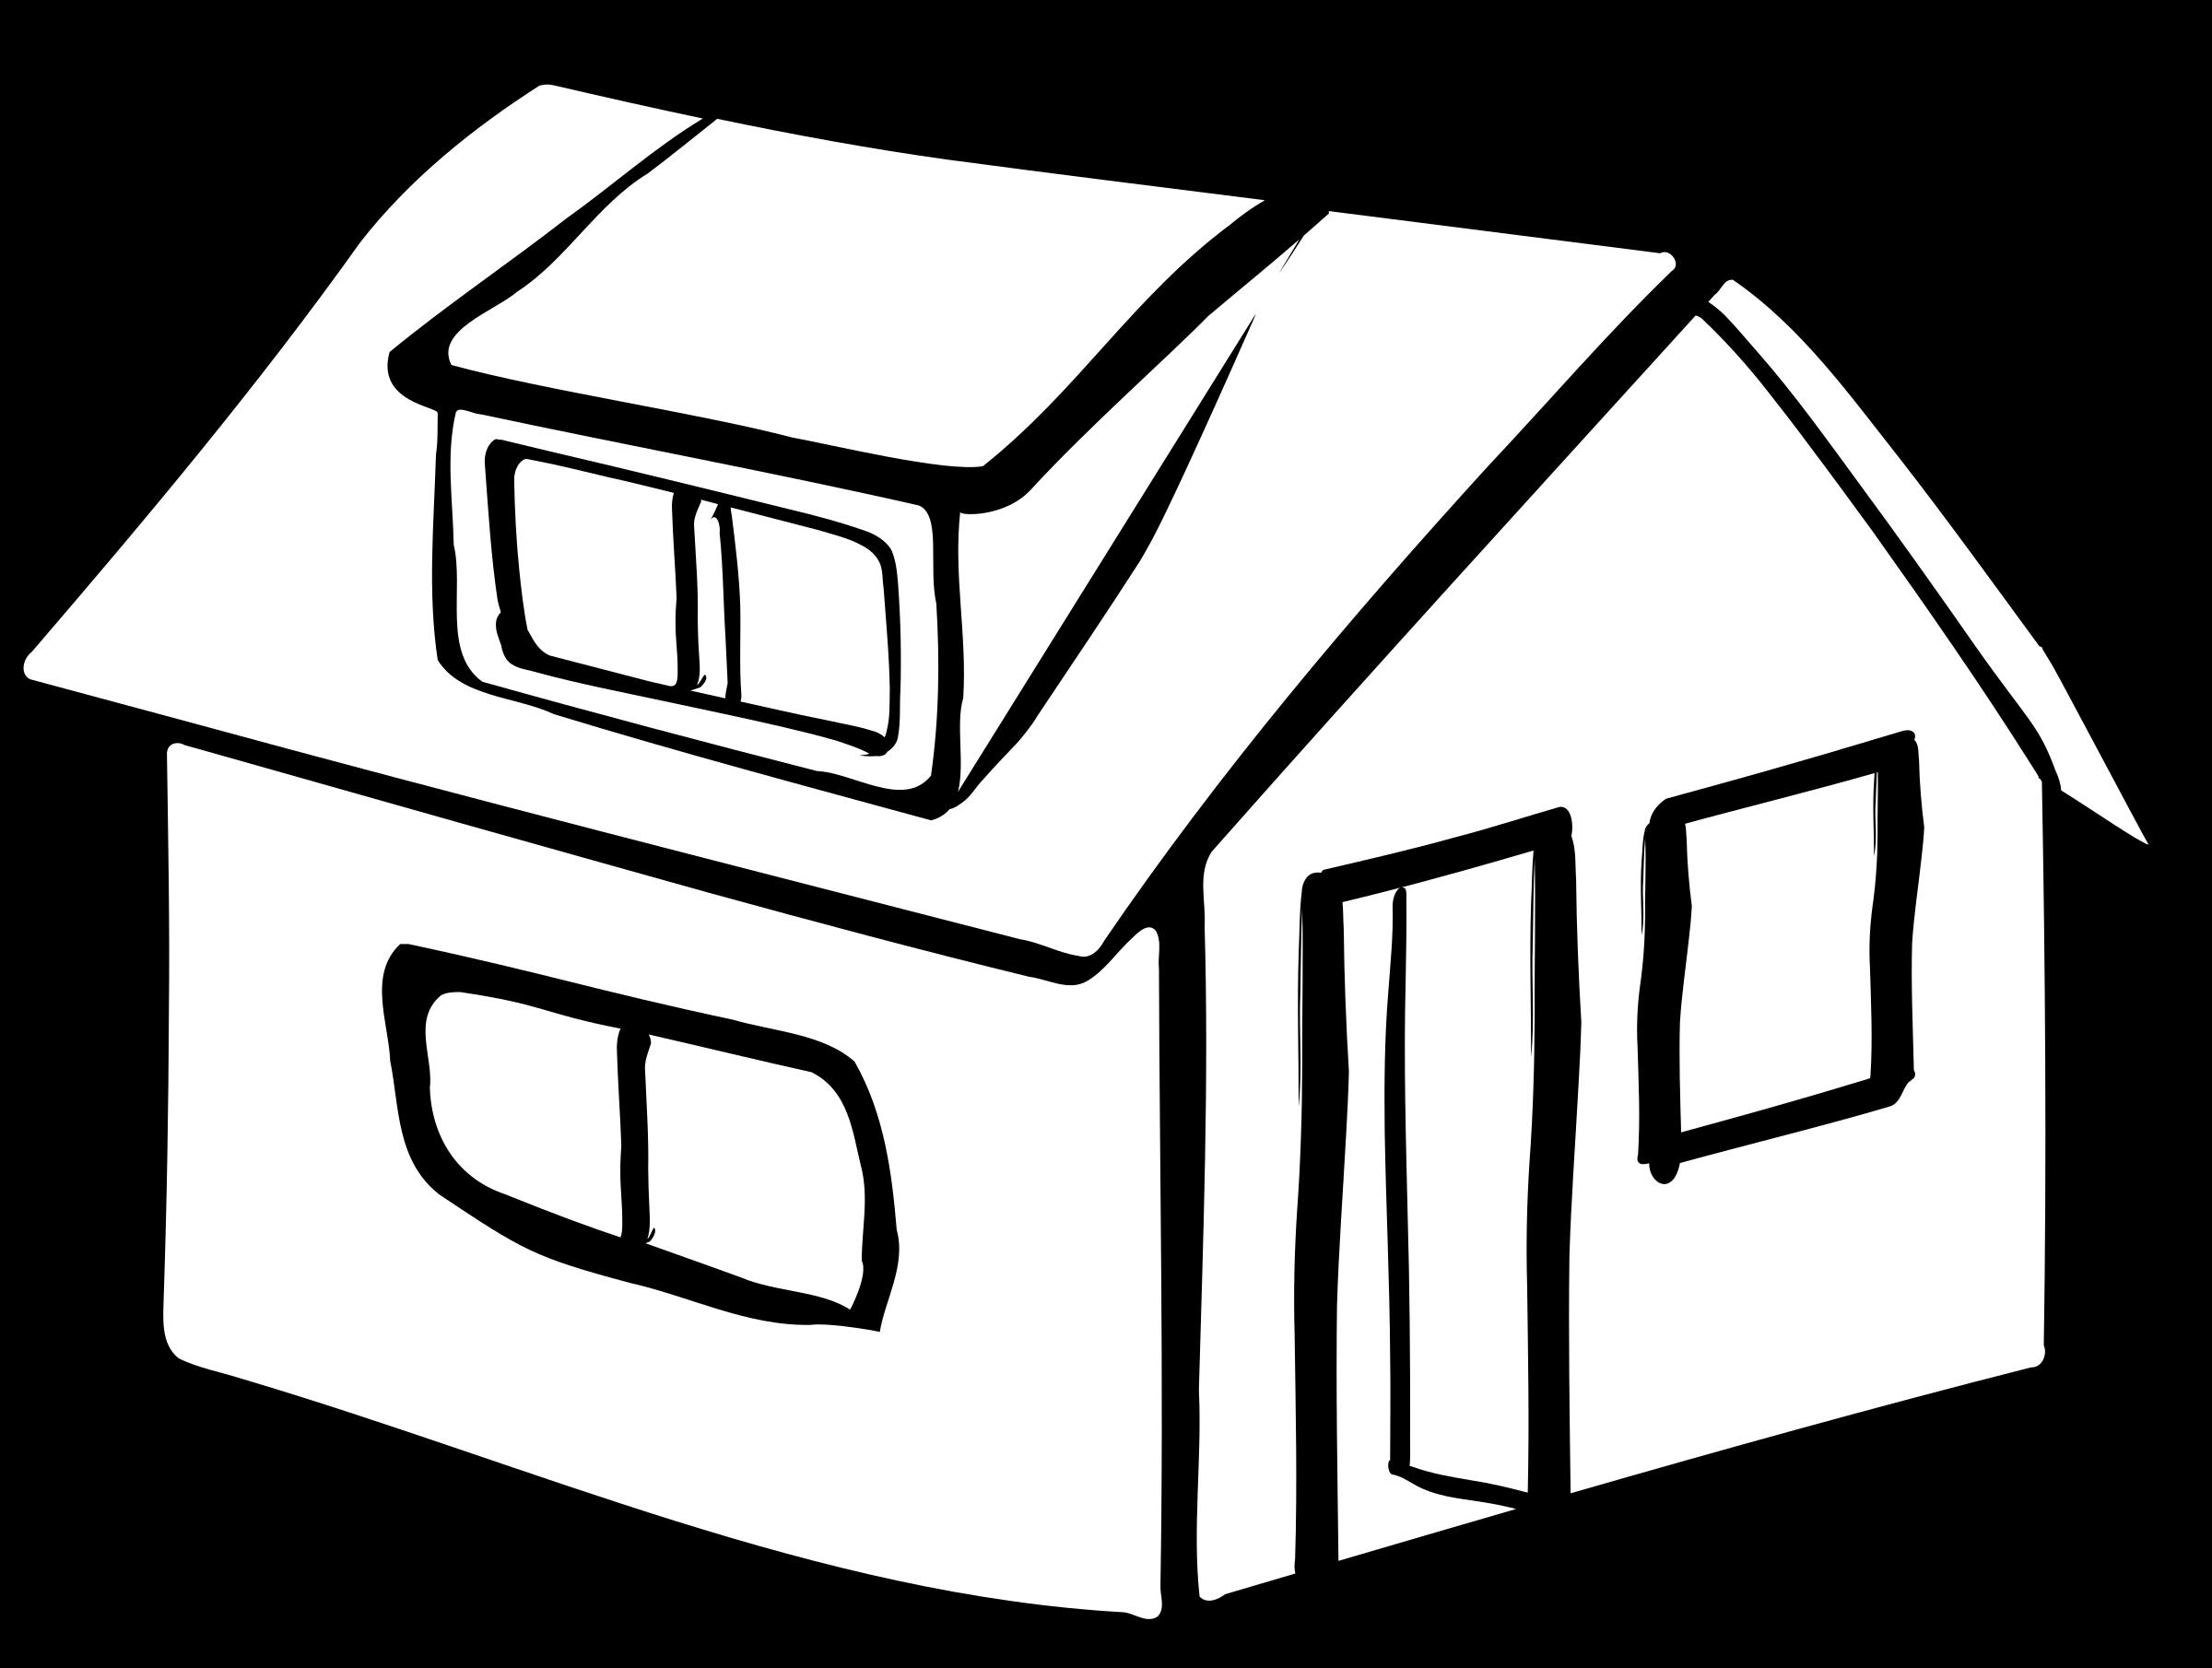 Раскраски контуры домов для вырезания из бумаги детям  Раскраски контуры домов для вырезания из бумаги детям